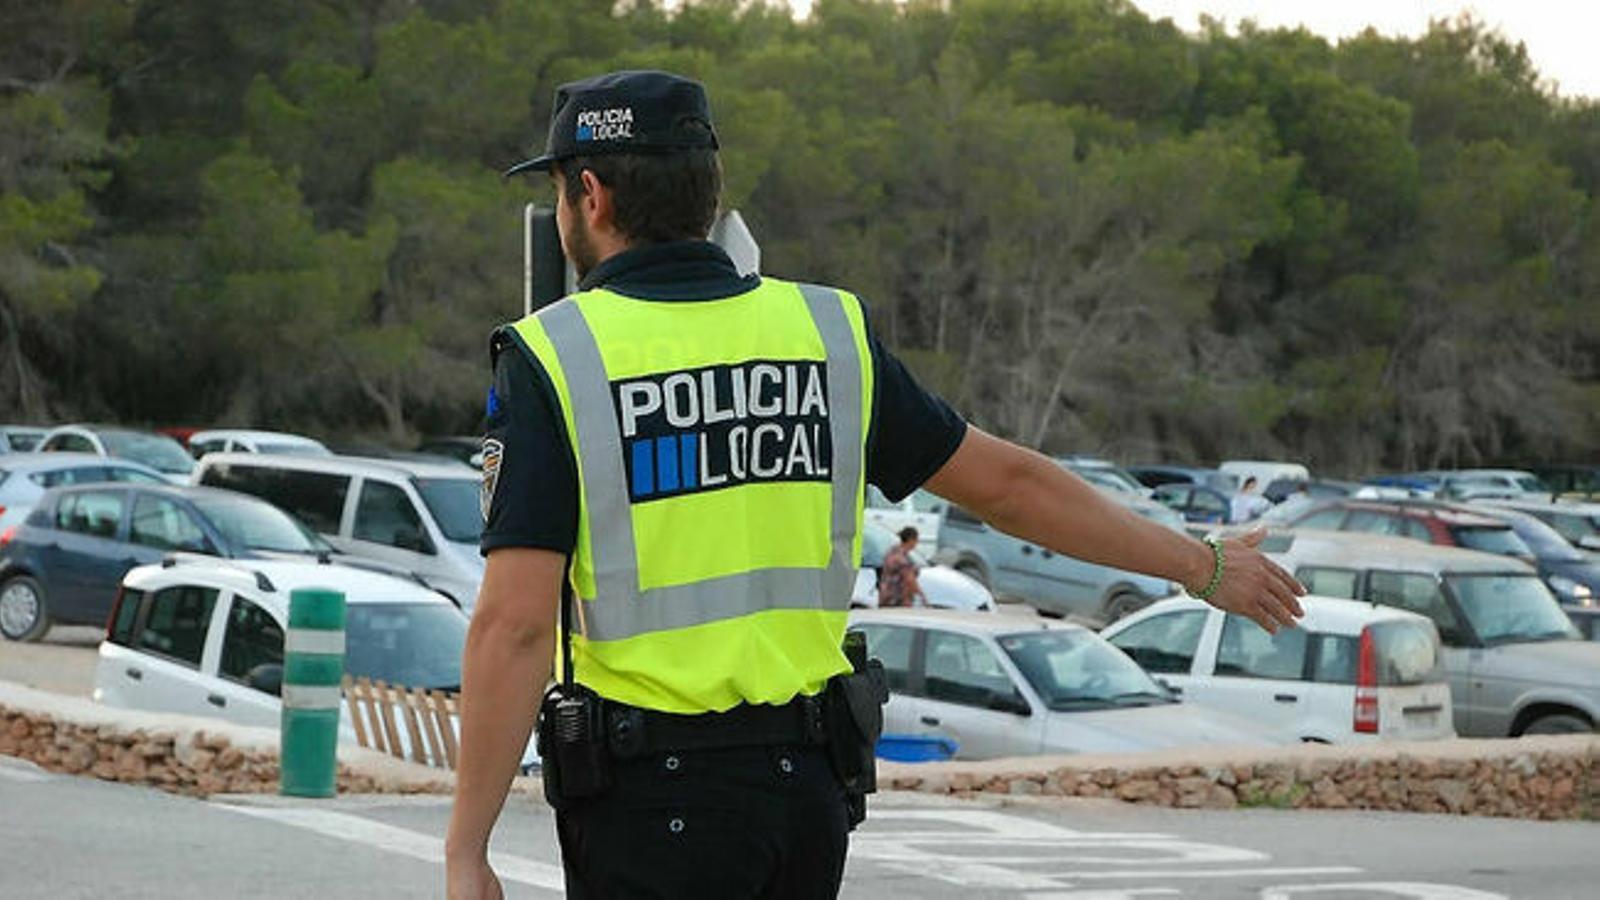 Molts pobles pateixen la manca de policia local.